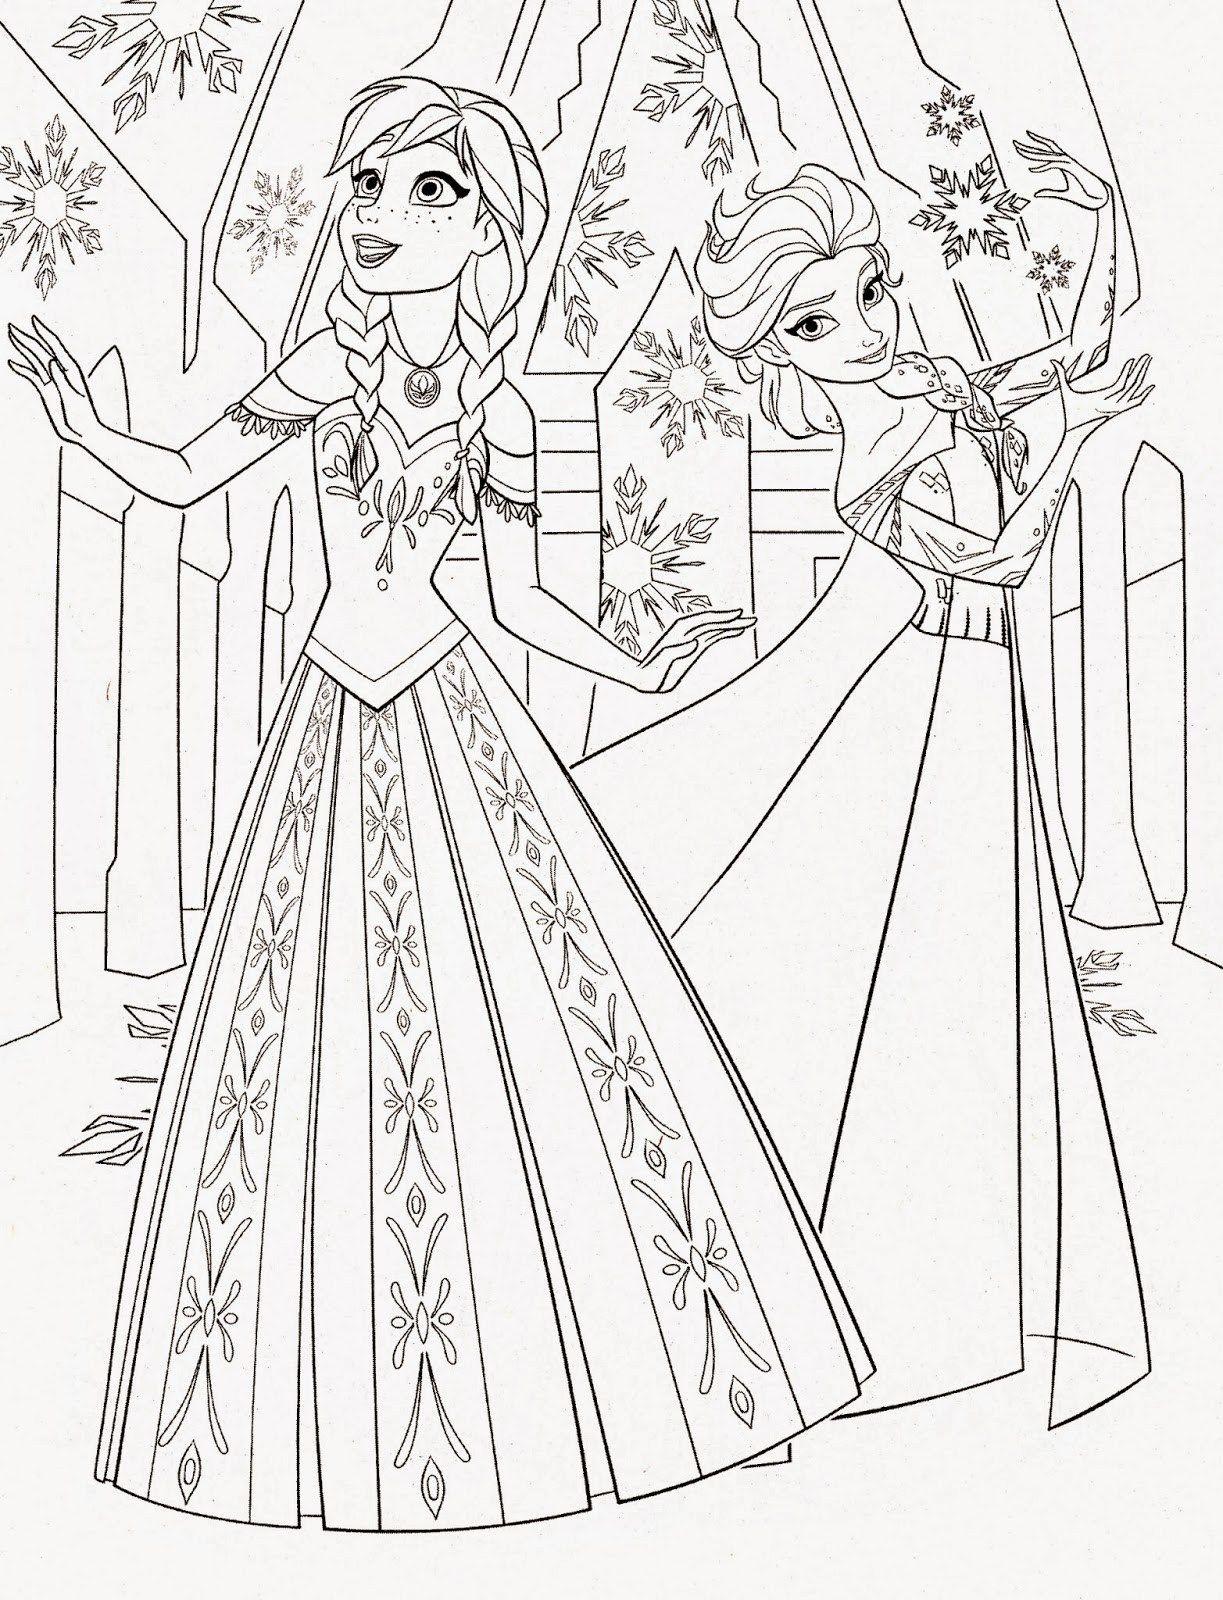 Anna Und Elsa Ausmalen Einzigartig Malvorlagen Igel Best Igel Grundschule 0d Archives Uploadertalk Neu Bilder